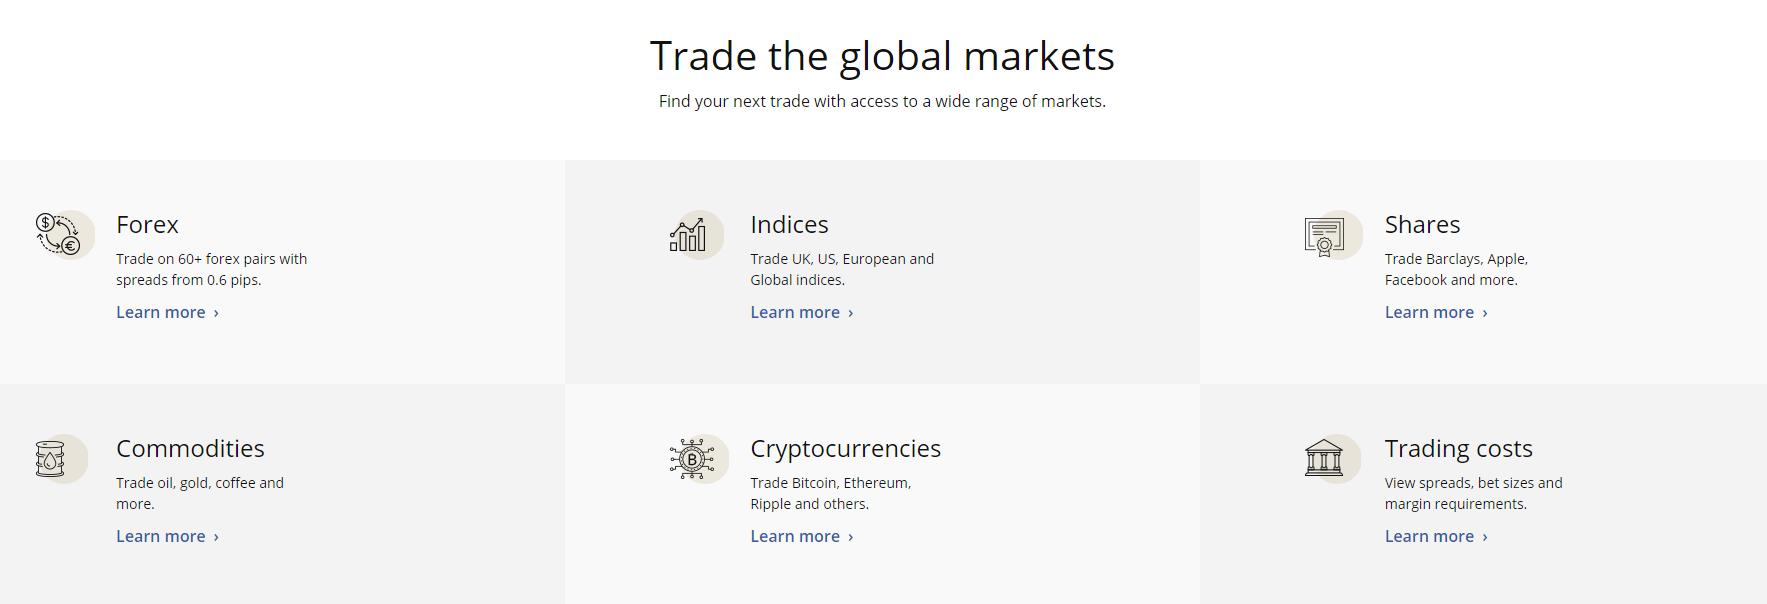 Общие сведения о брокере ETX Capital